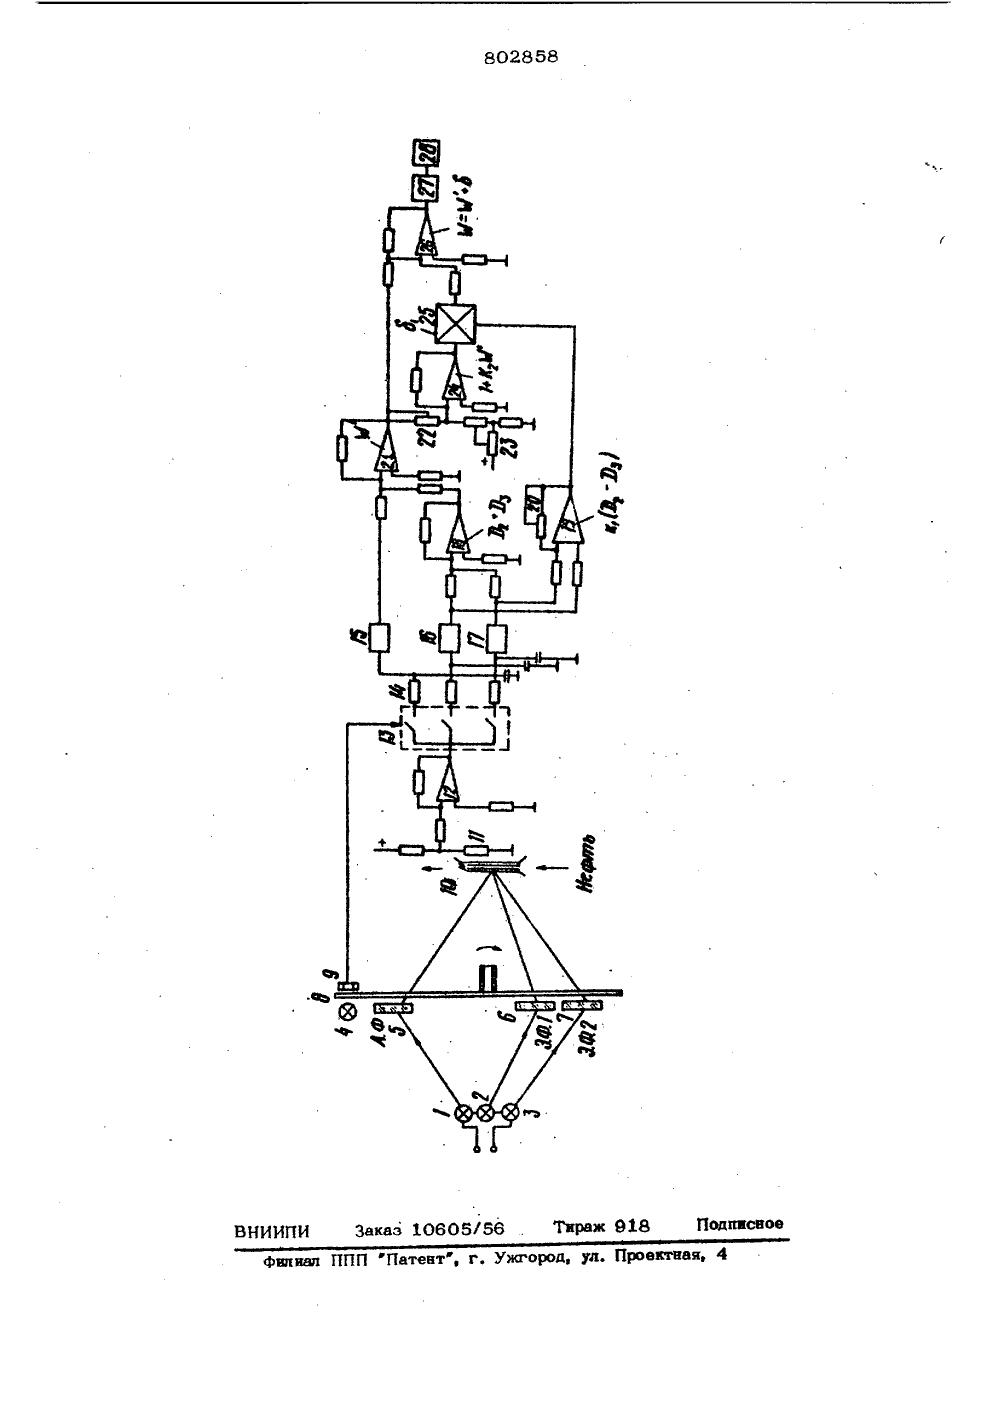 схема принципиальная цифрового измерителя влажности